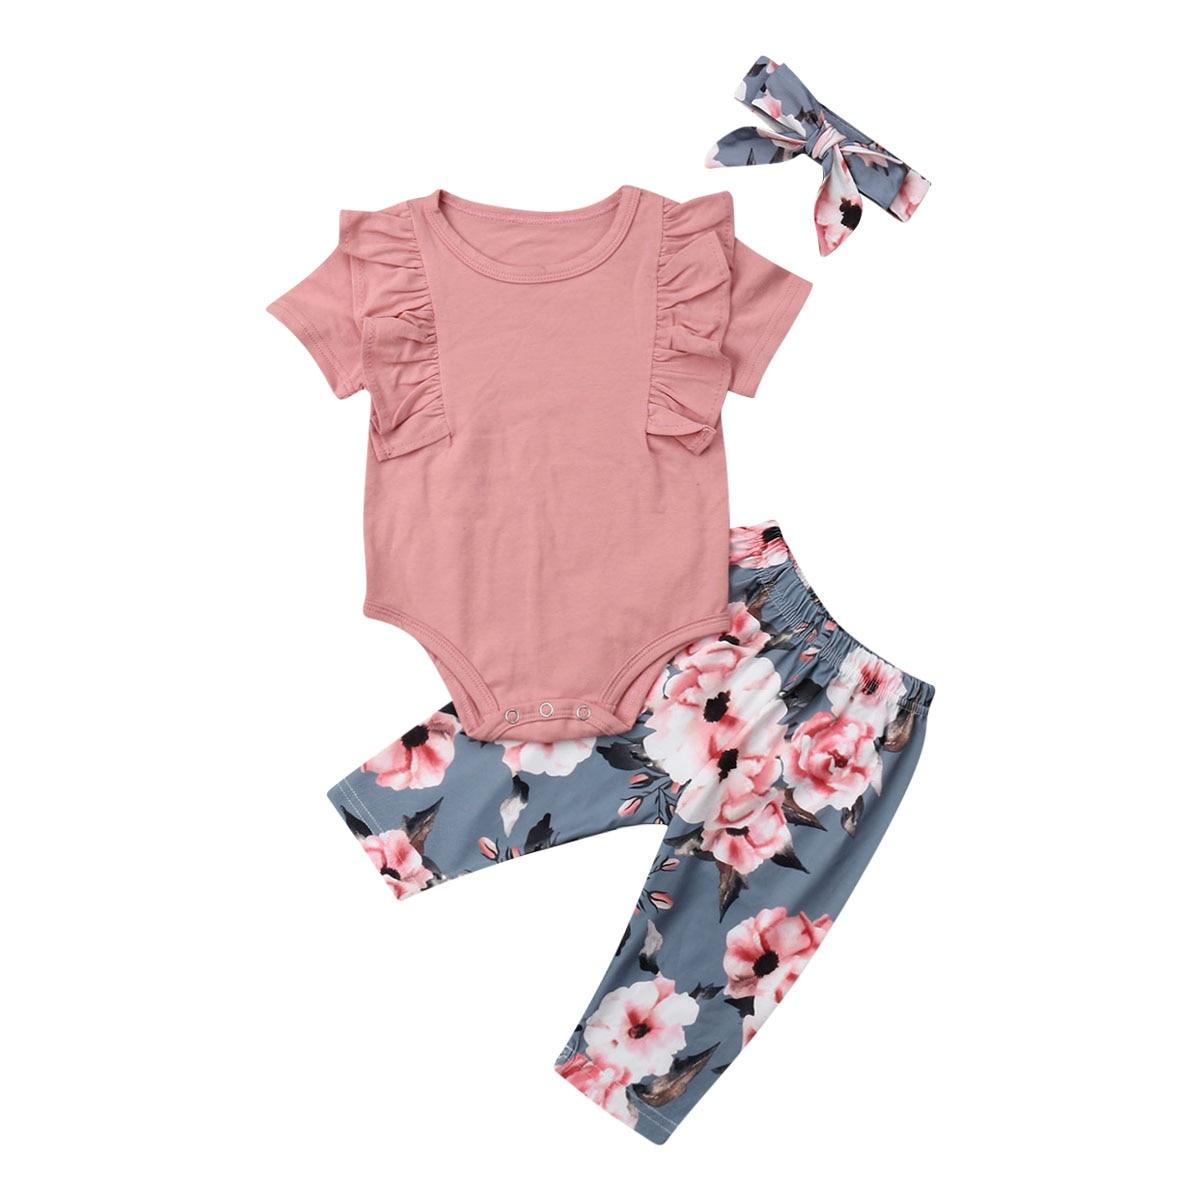 0-24M Newborn Kid Baby Girls Short / Long Sleeve Top Romper Floral Pant 3PCS Sunsuit Outfit Set